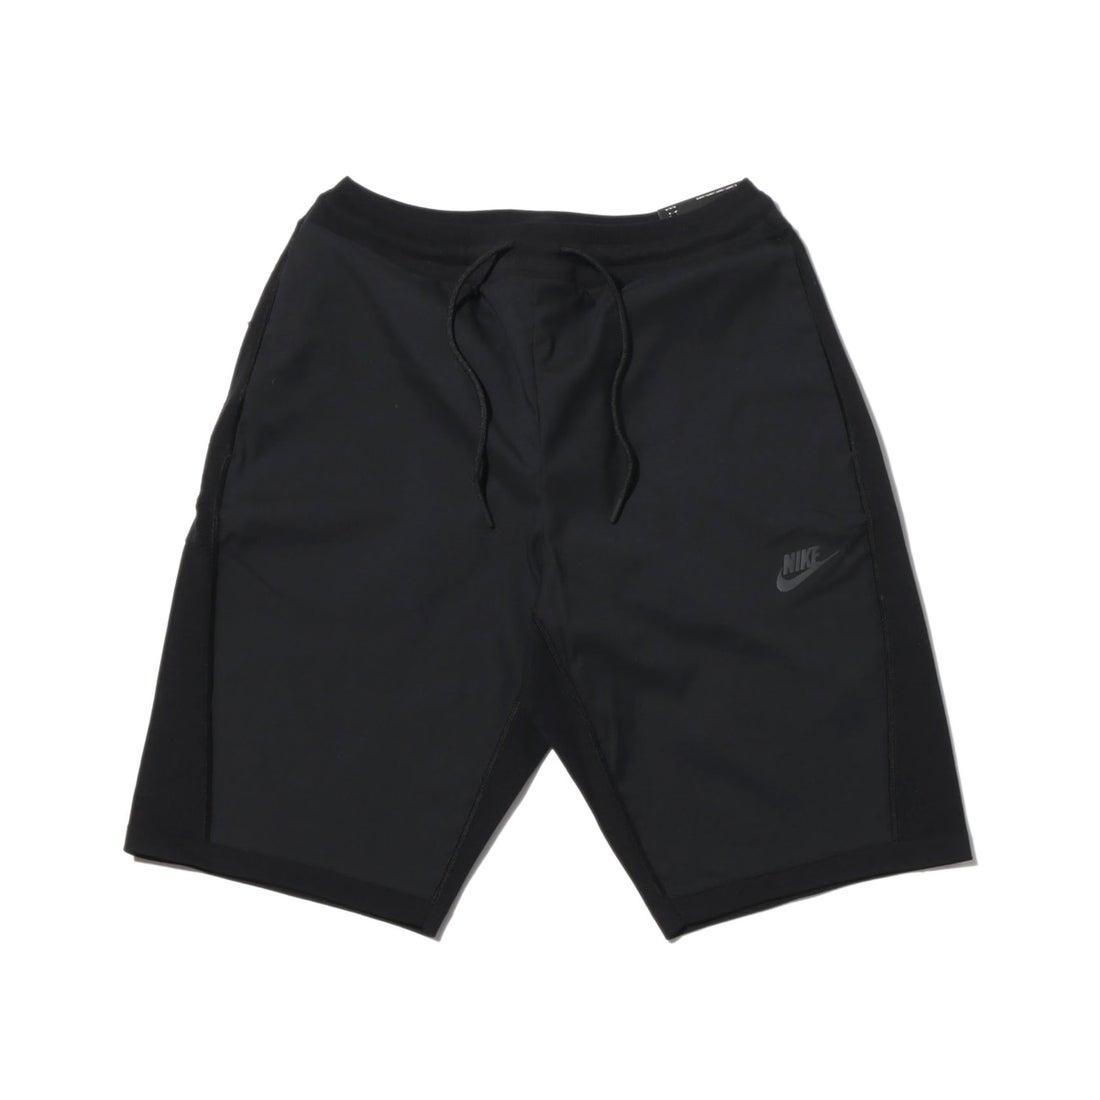 ロコンド 靴とファッションの通販サイトナイキ NIKE NIKE AS M NSW TCH KNT SHORT (BLACK)